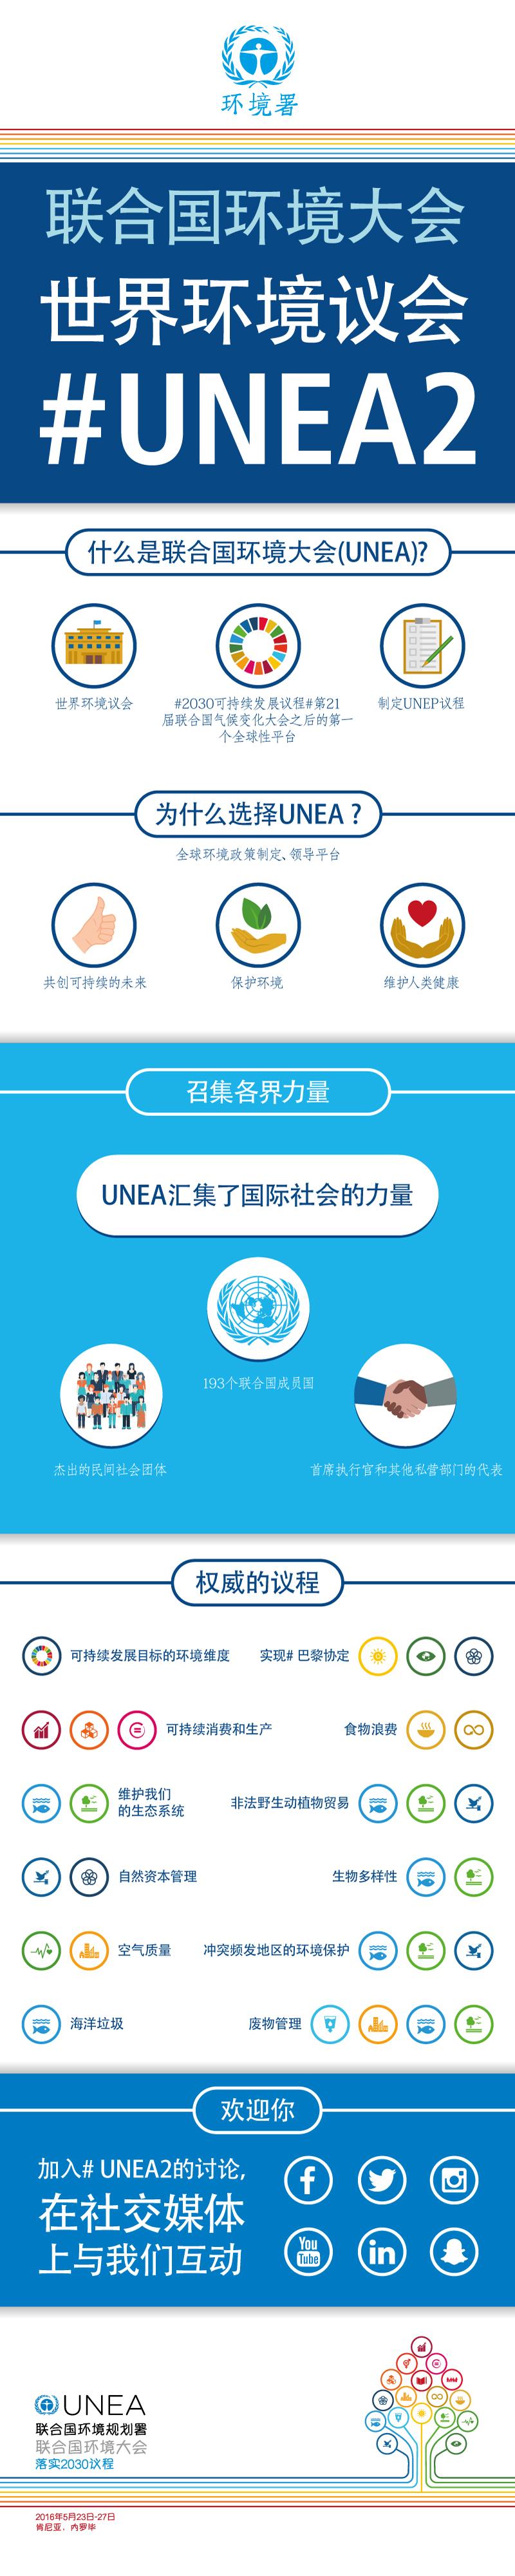 UNEA_Infog_zh.jpg